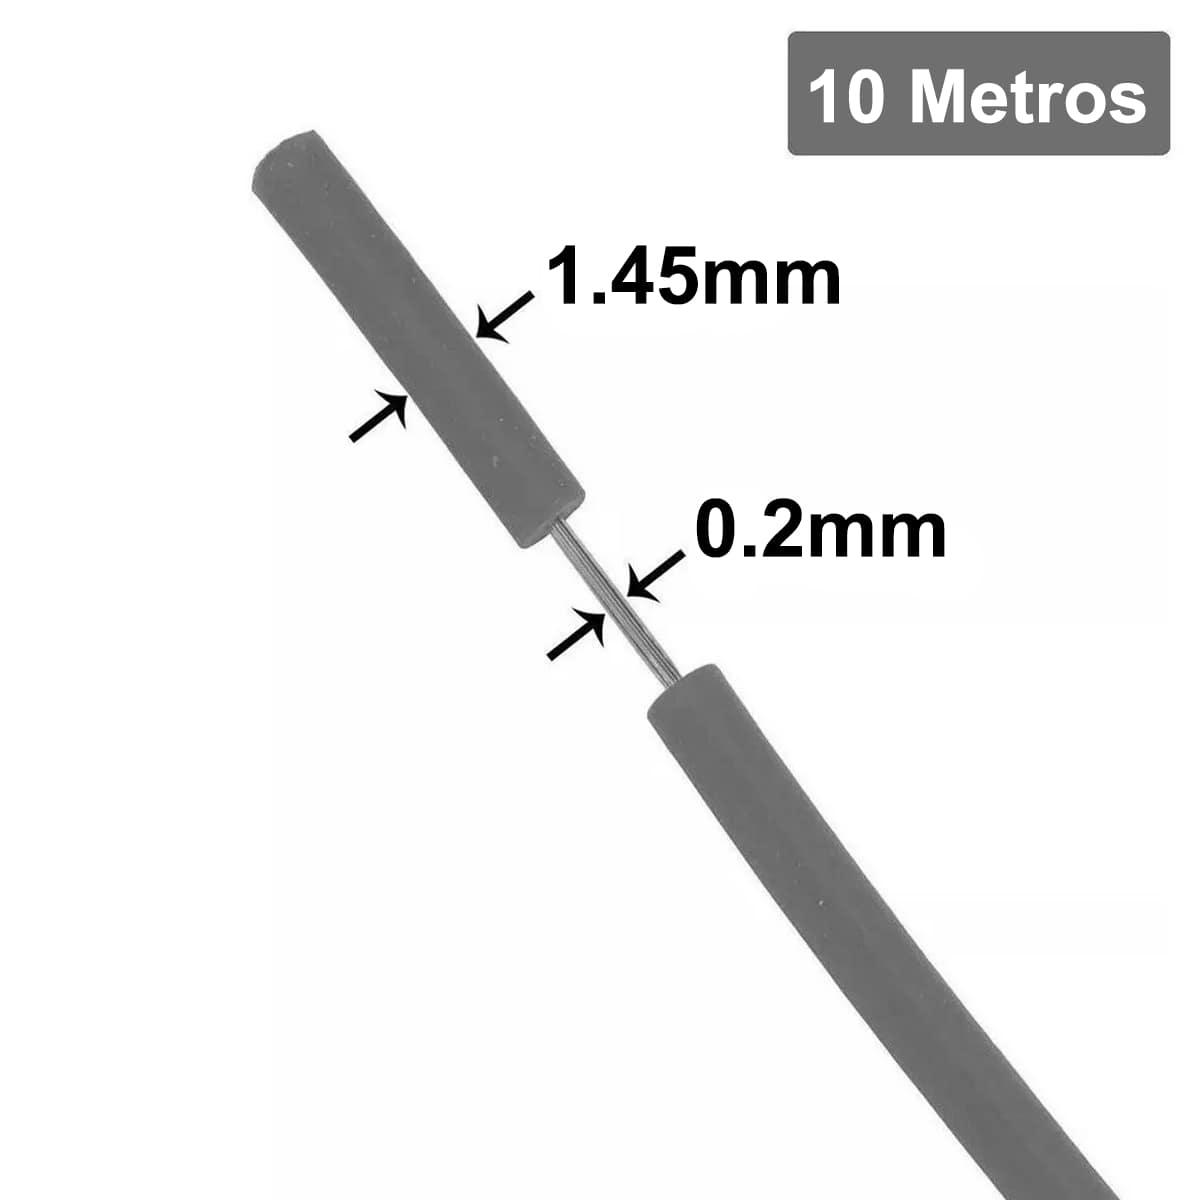 Fio Cabinho Flexível de Cobre Estanhado 0,20mm com 10 metros